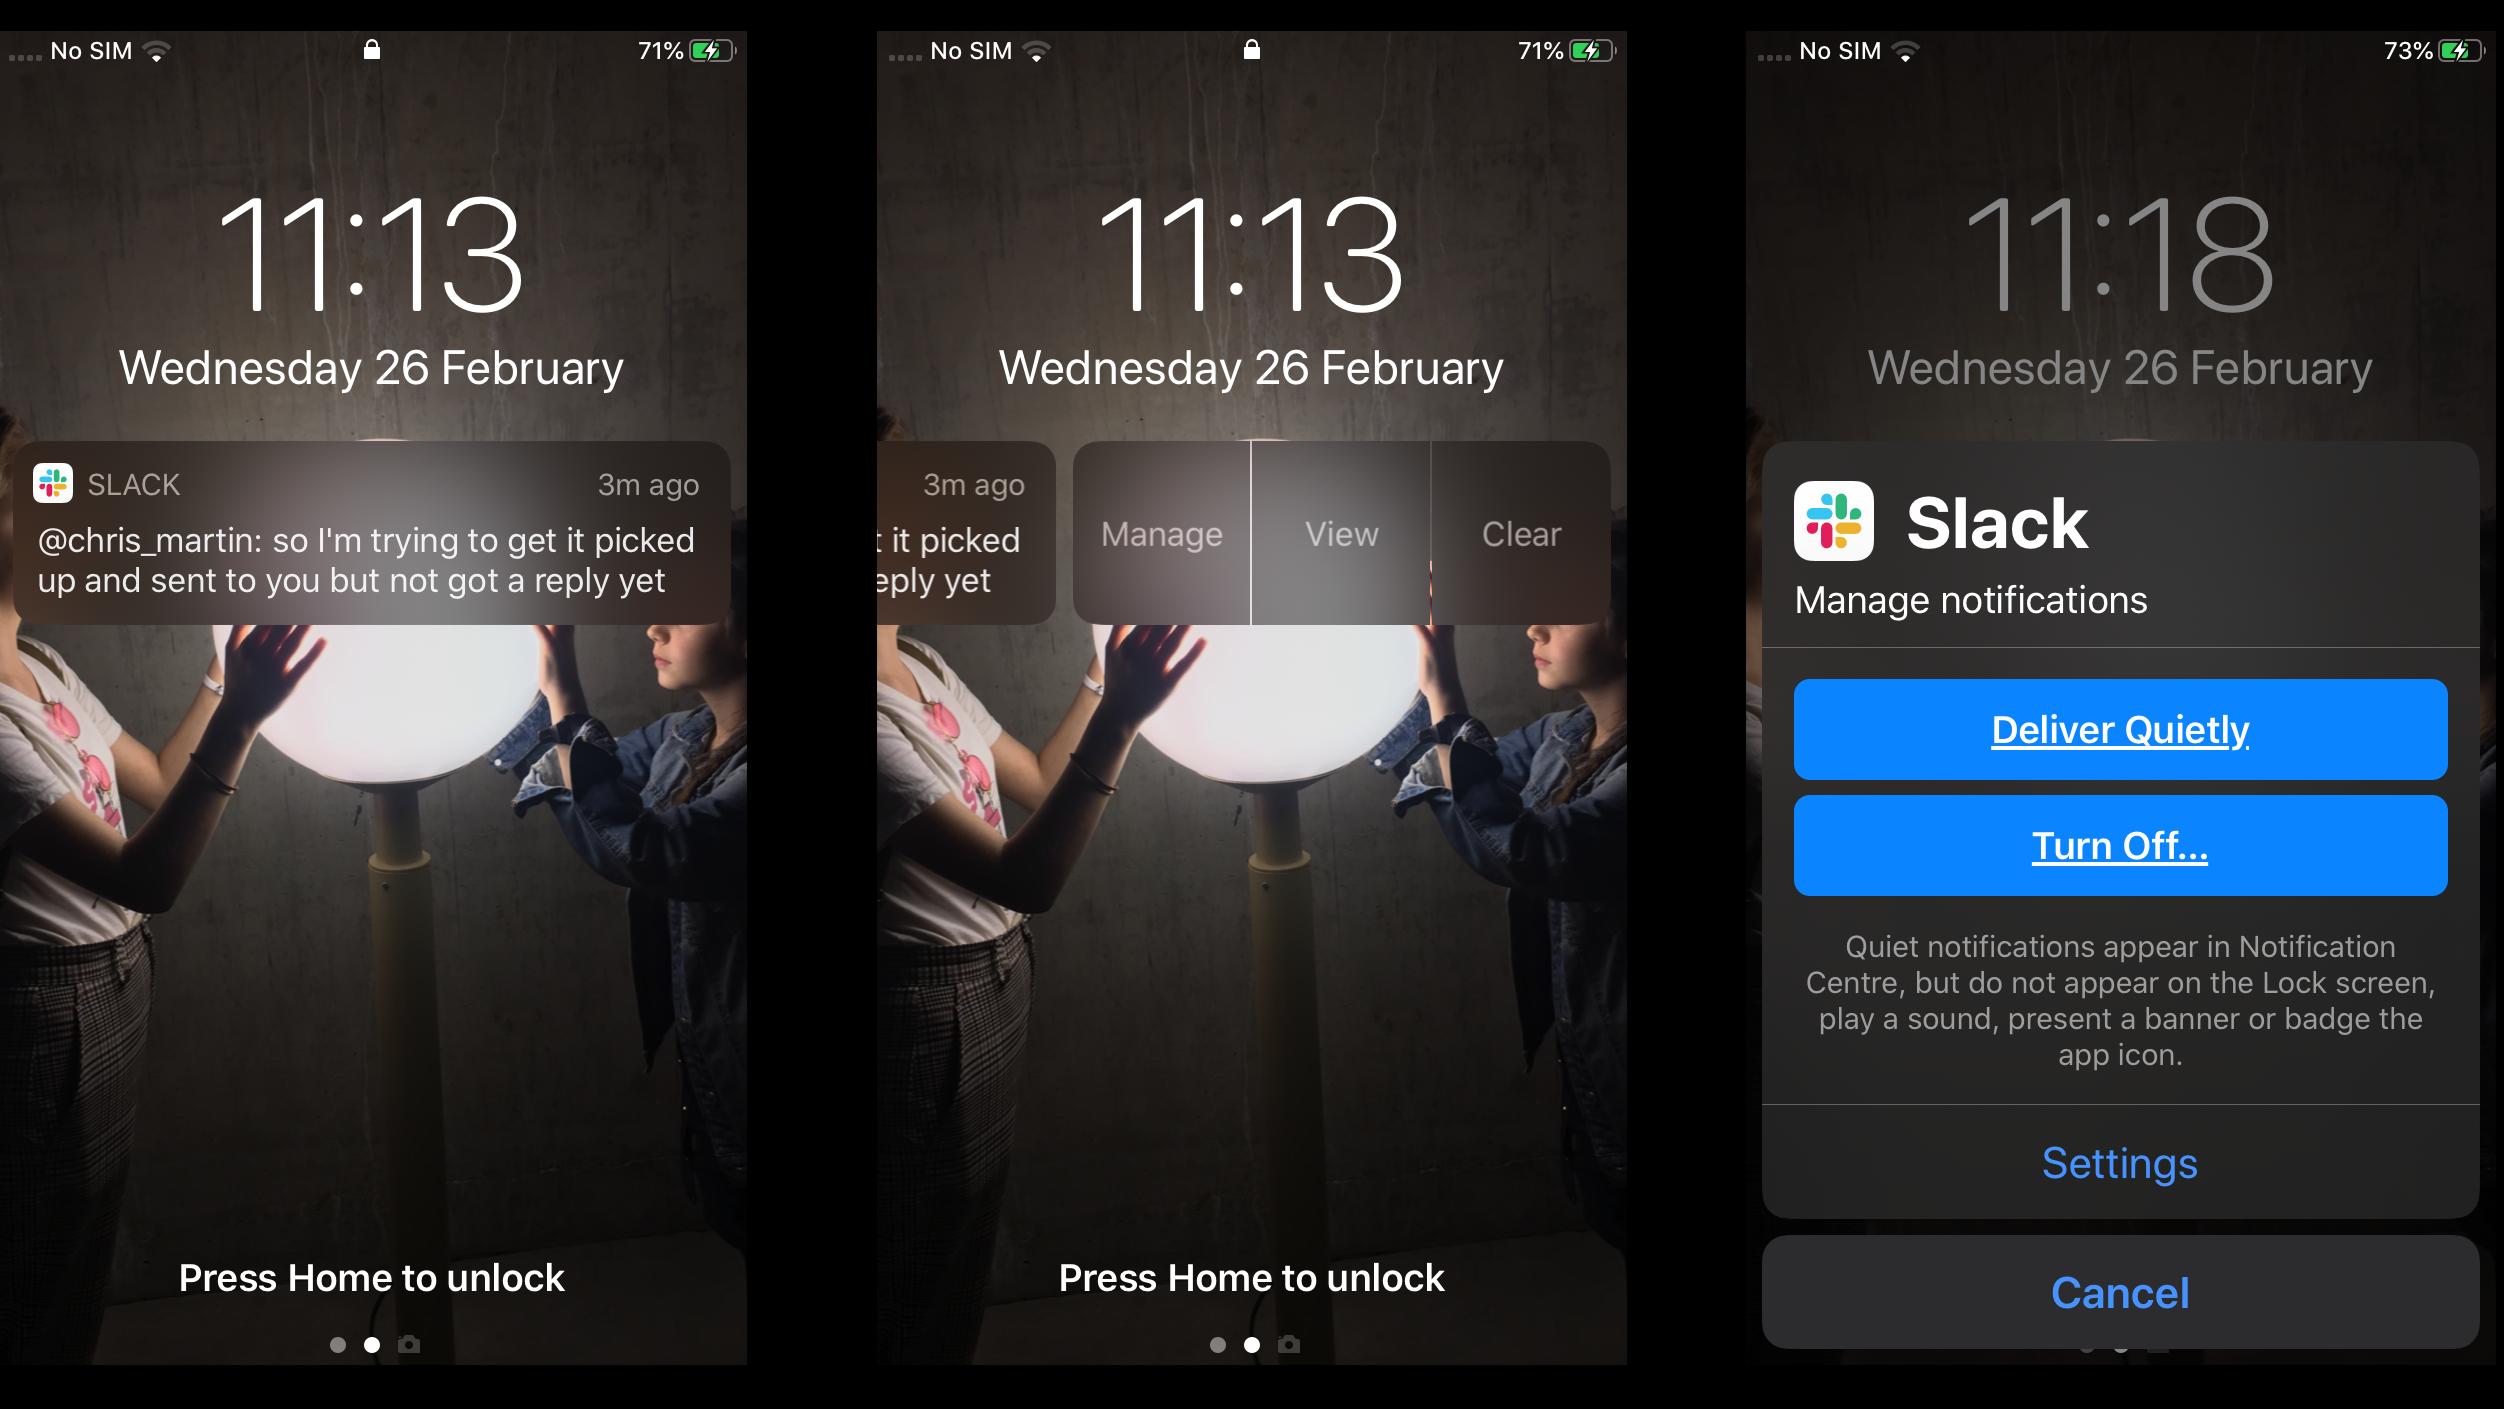 Cómo ver notificaciones en iPhone bloqueado: usando la opción Administrar